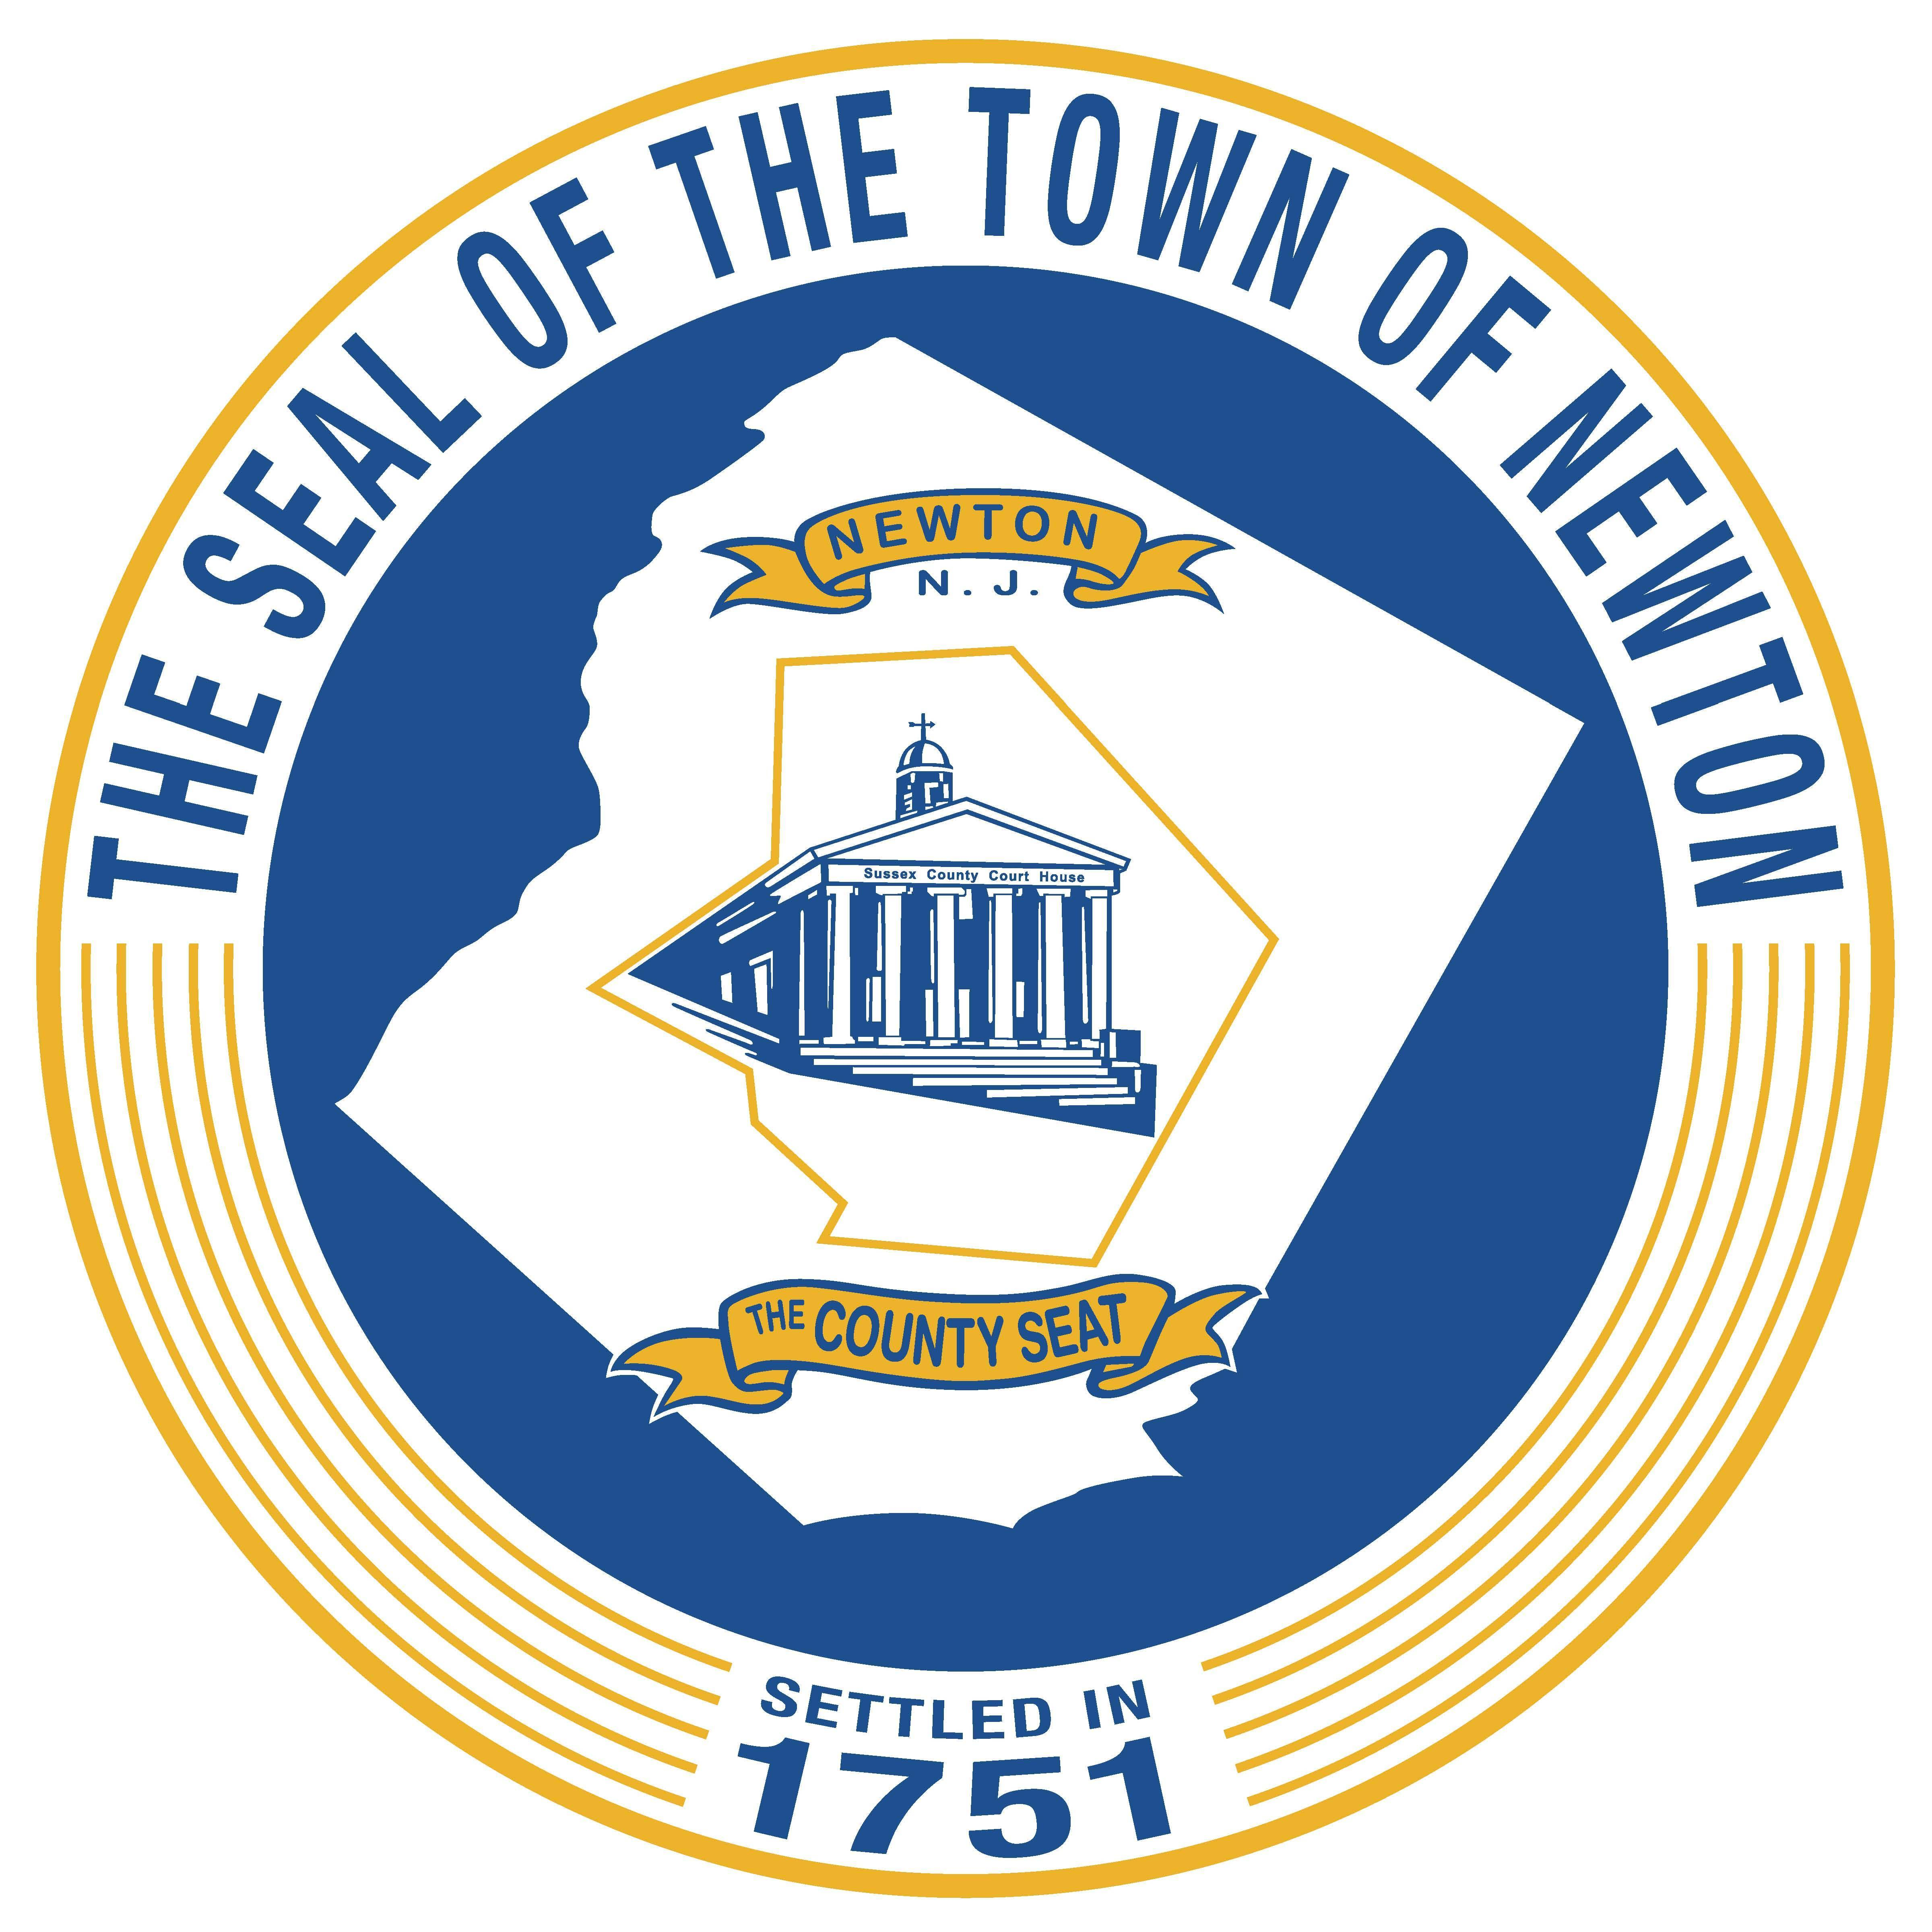 256a0a956cc7b04bced2_Town_Seal_05_blue_v1.jpg